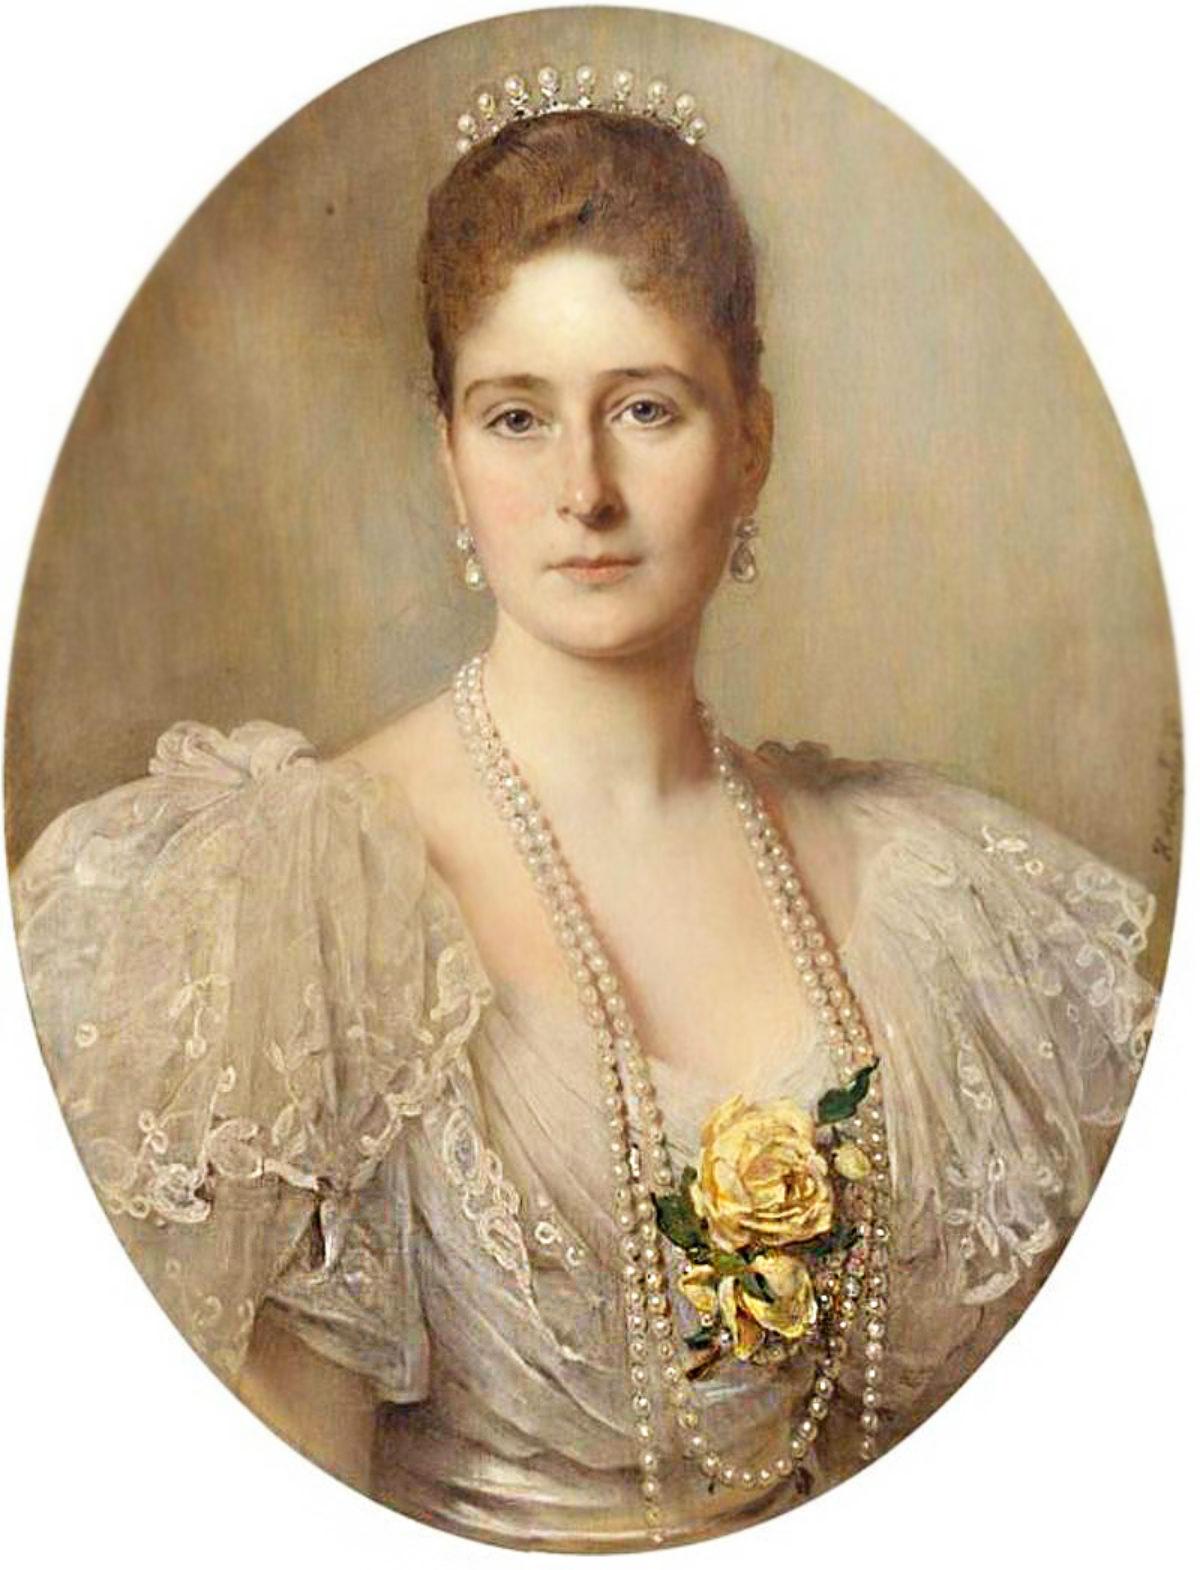 Святая царица Александра Феодоровна о мужественности и женственности, сестрах и братьях, детях и истинной семье